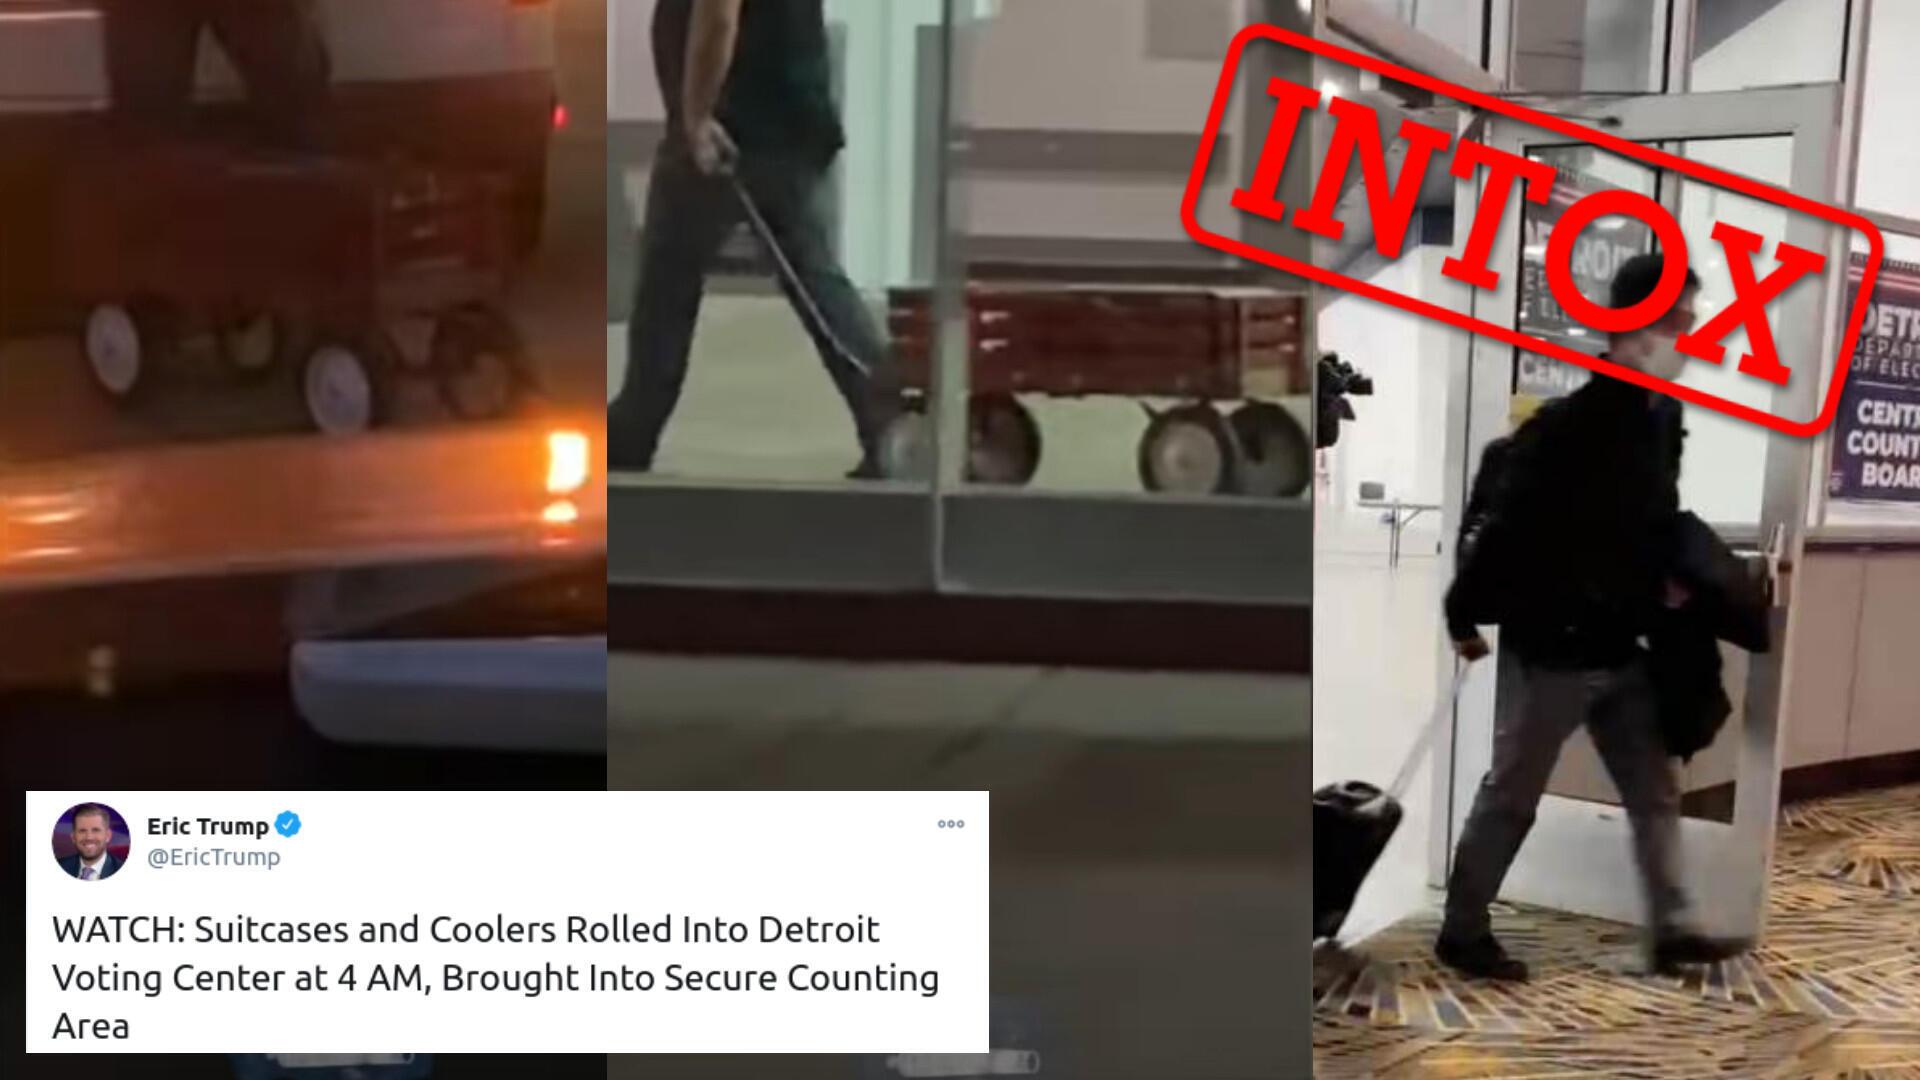 Des images capturées la nuit du 5 novembre prétendent montrer une fraude électorale au centre de congrès de Detroit, Michigan, dans lequel se fait le dépouillement des bulletins de vote à l'élection présidentielle américaine. Captures d'écran d'une vidéo.